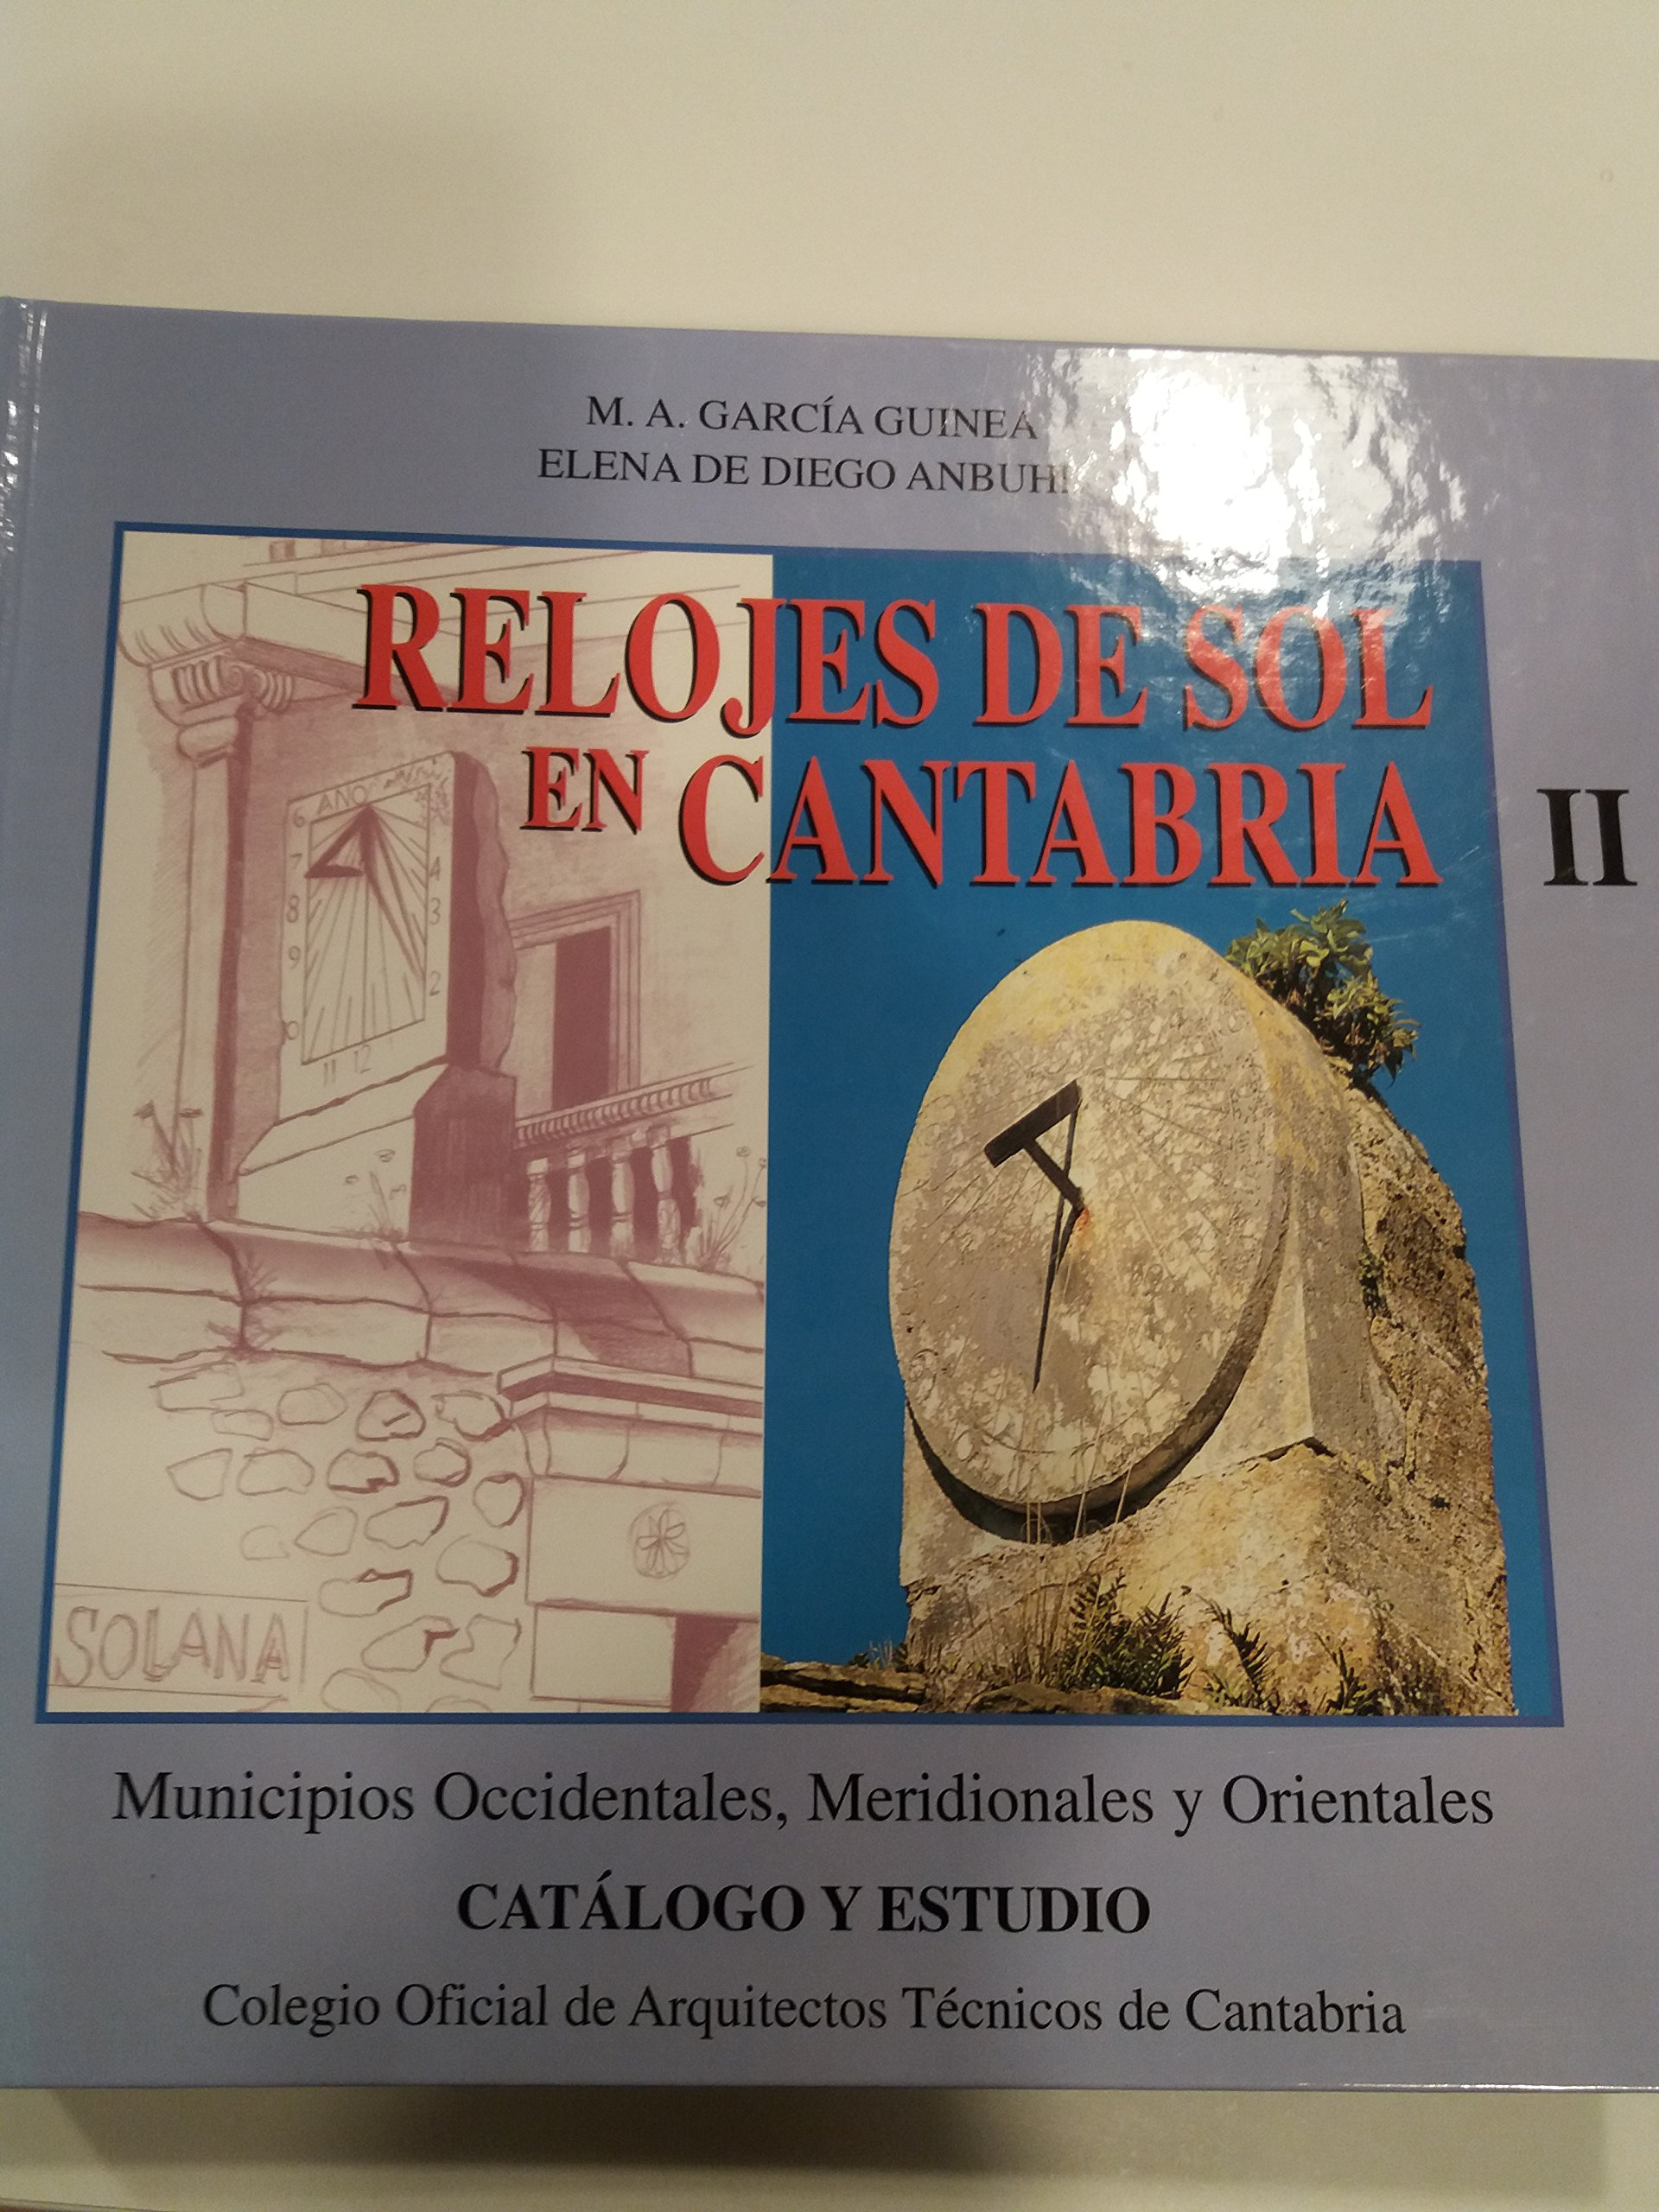 Relojes de sol en Cantabria: Municipios occidentales, meridionales y orientales : catálogo y estudio (Spanish Edition) (Spanish) Hardcover – 1996